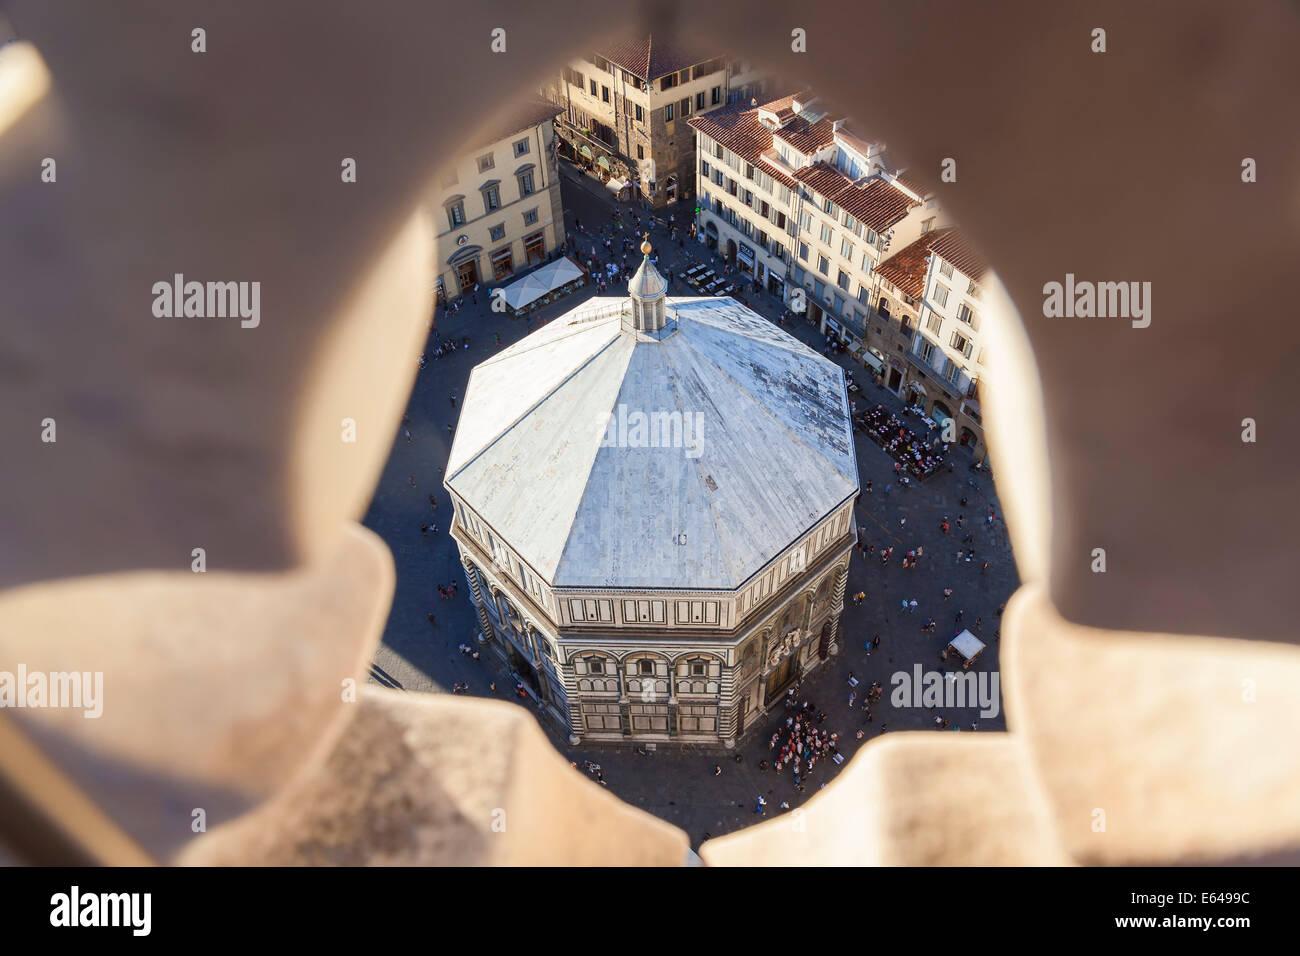 Il battistero in Piazza del Duomo di Firenze Immagini Stock